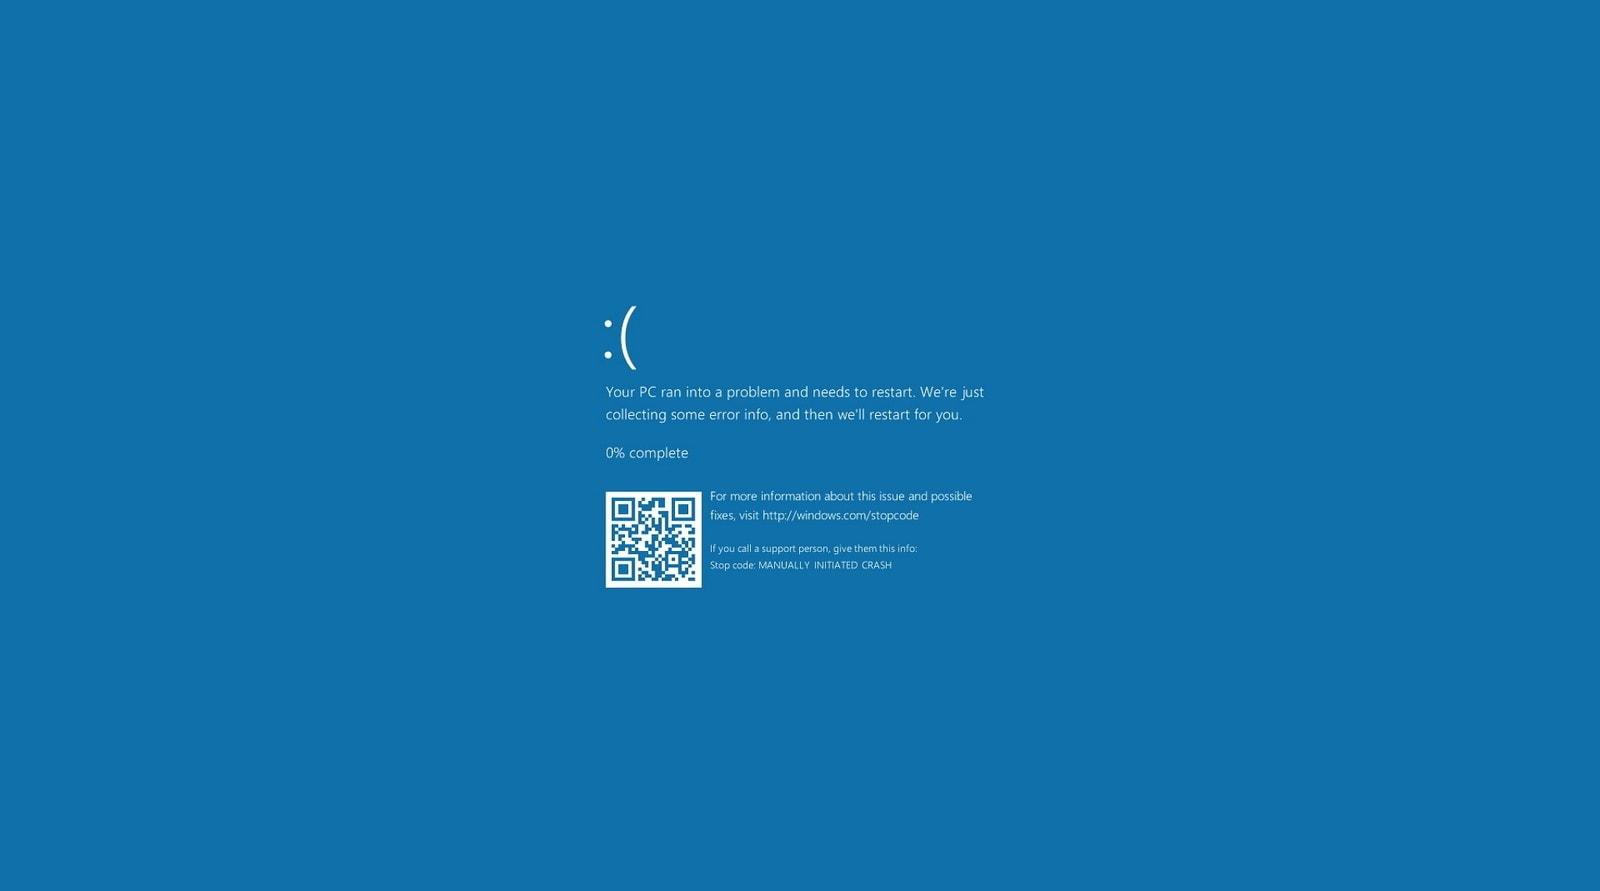 Windows 10 crash